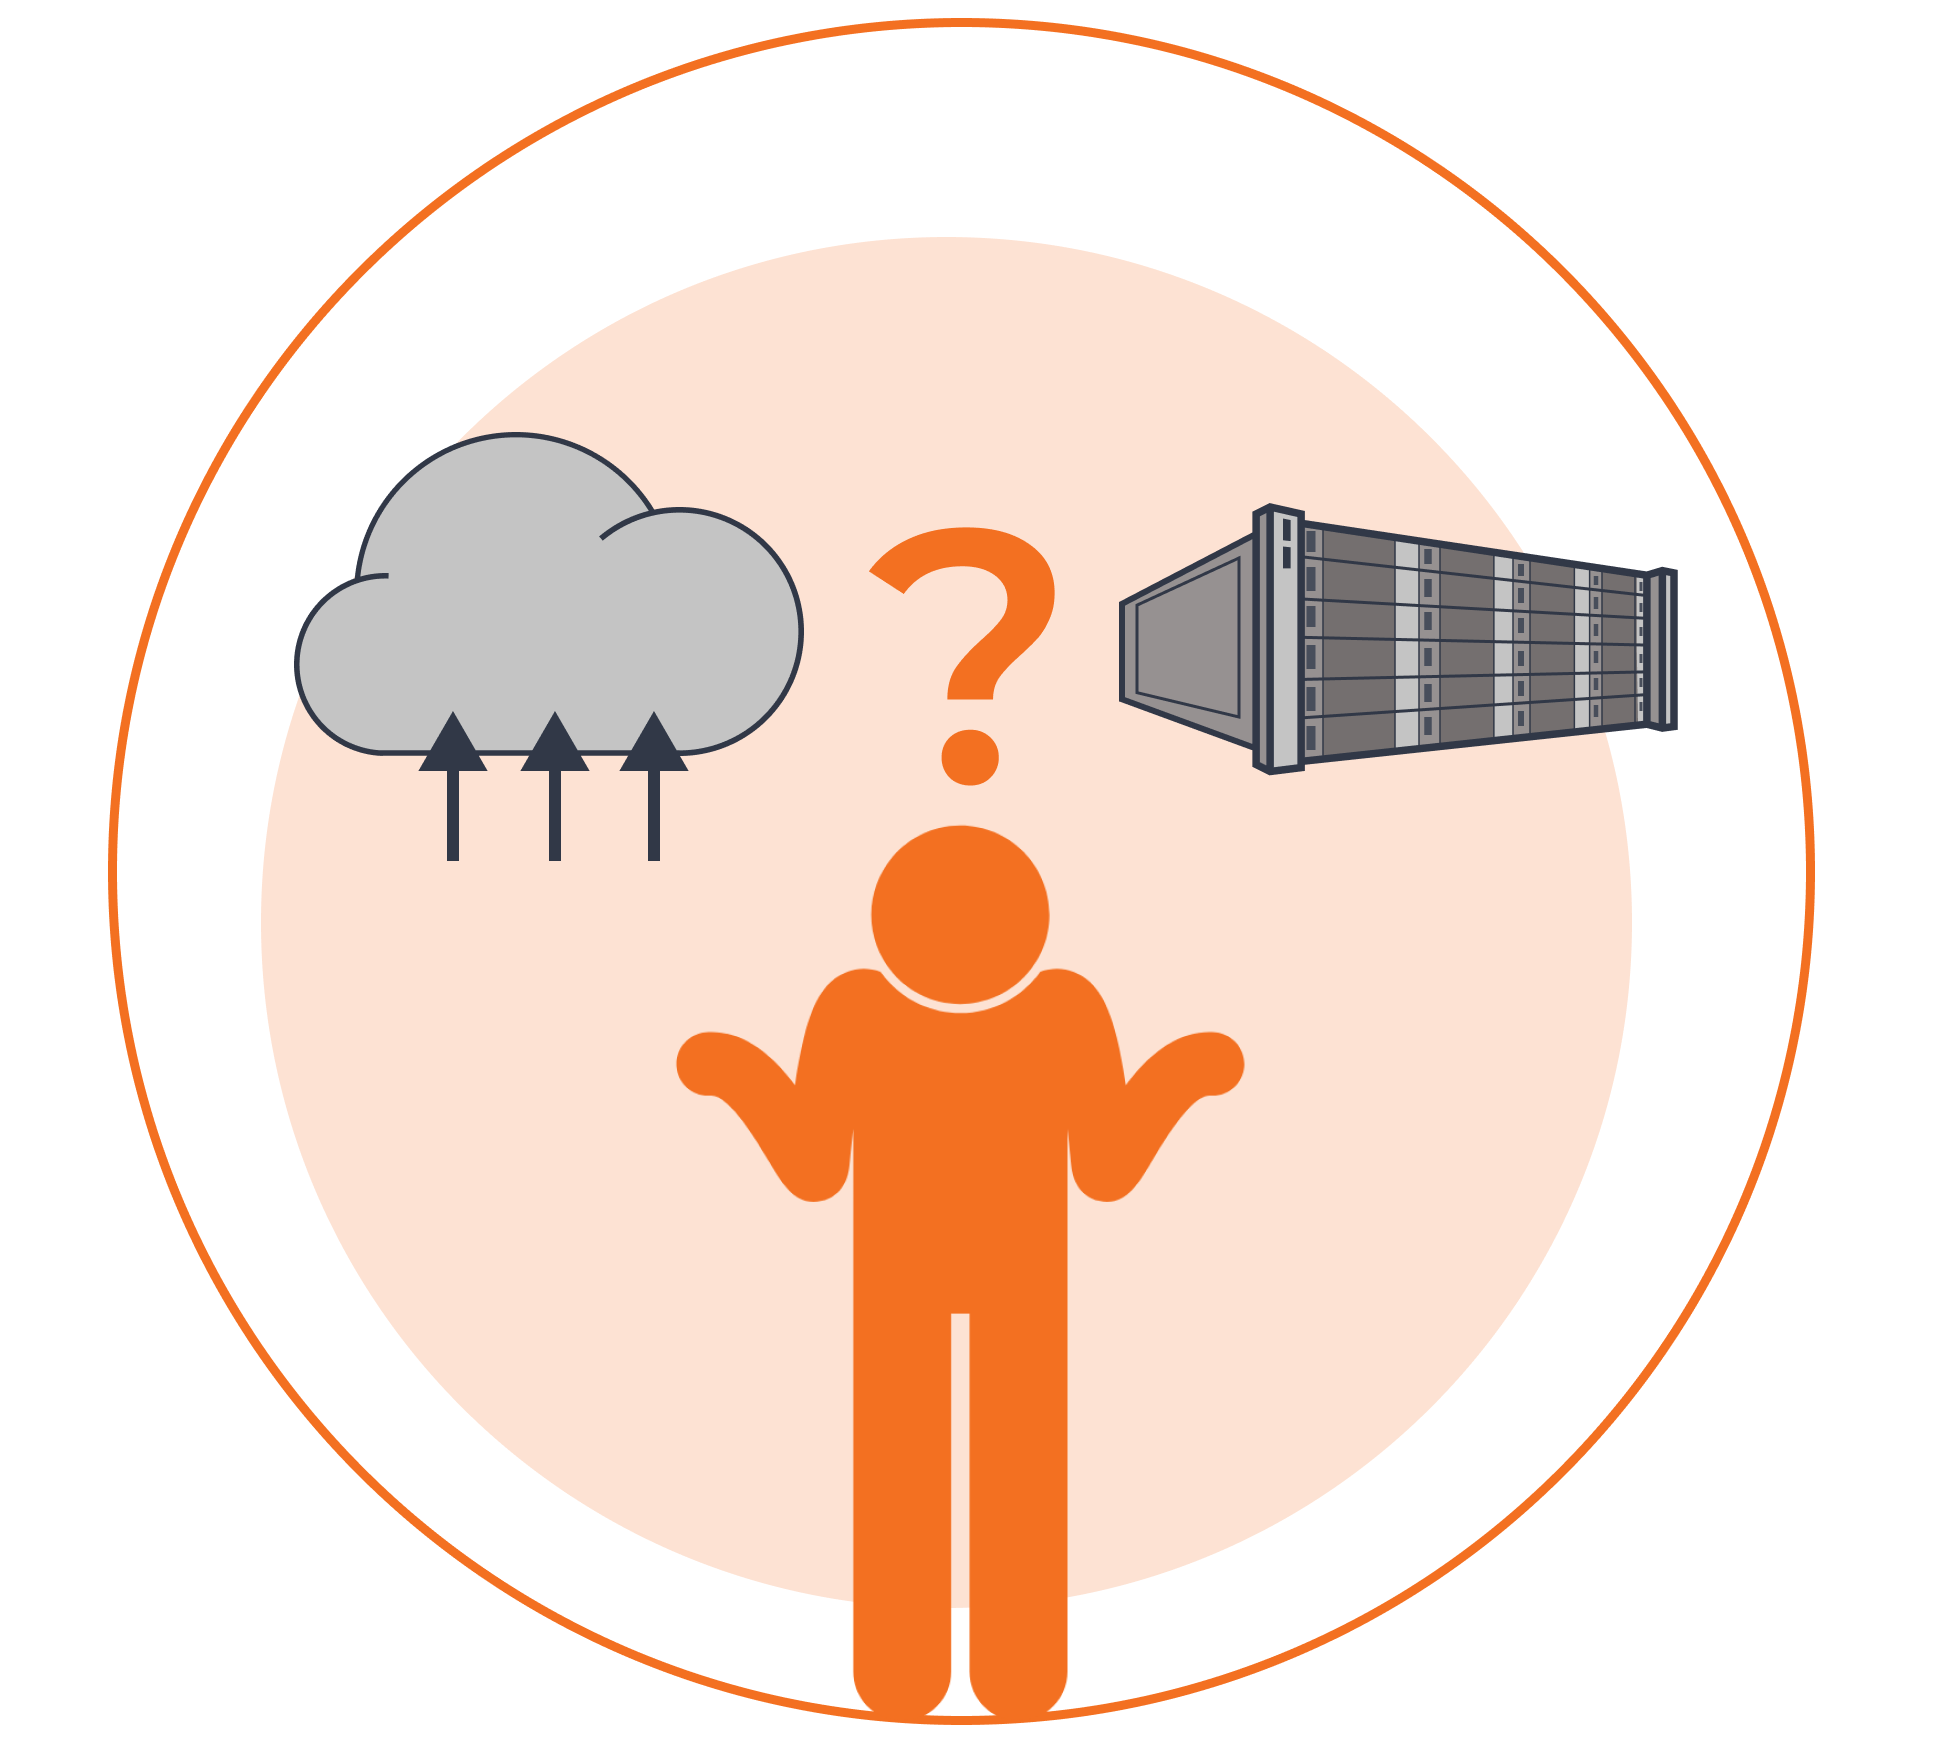 Облако или сервер